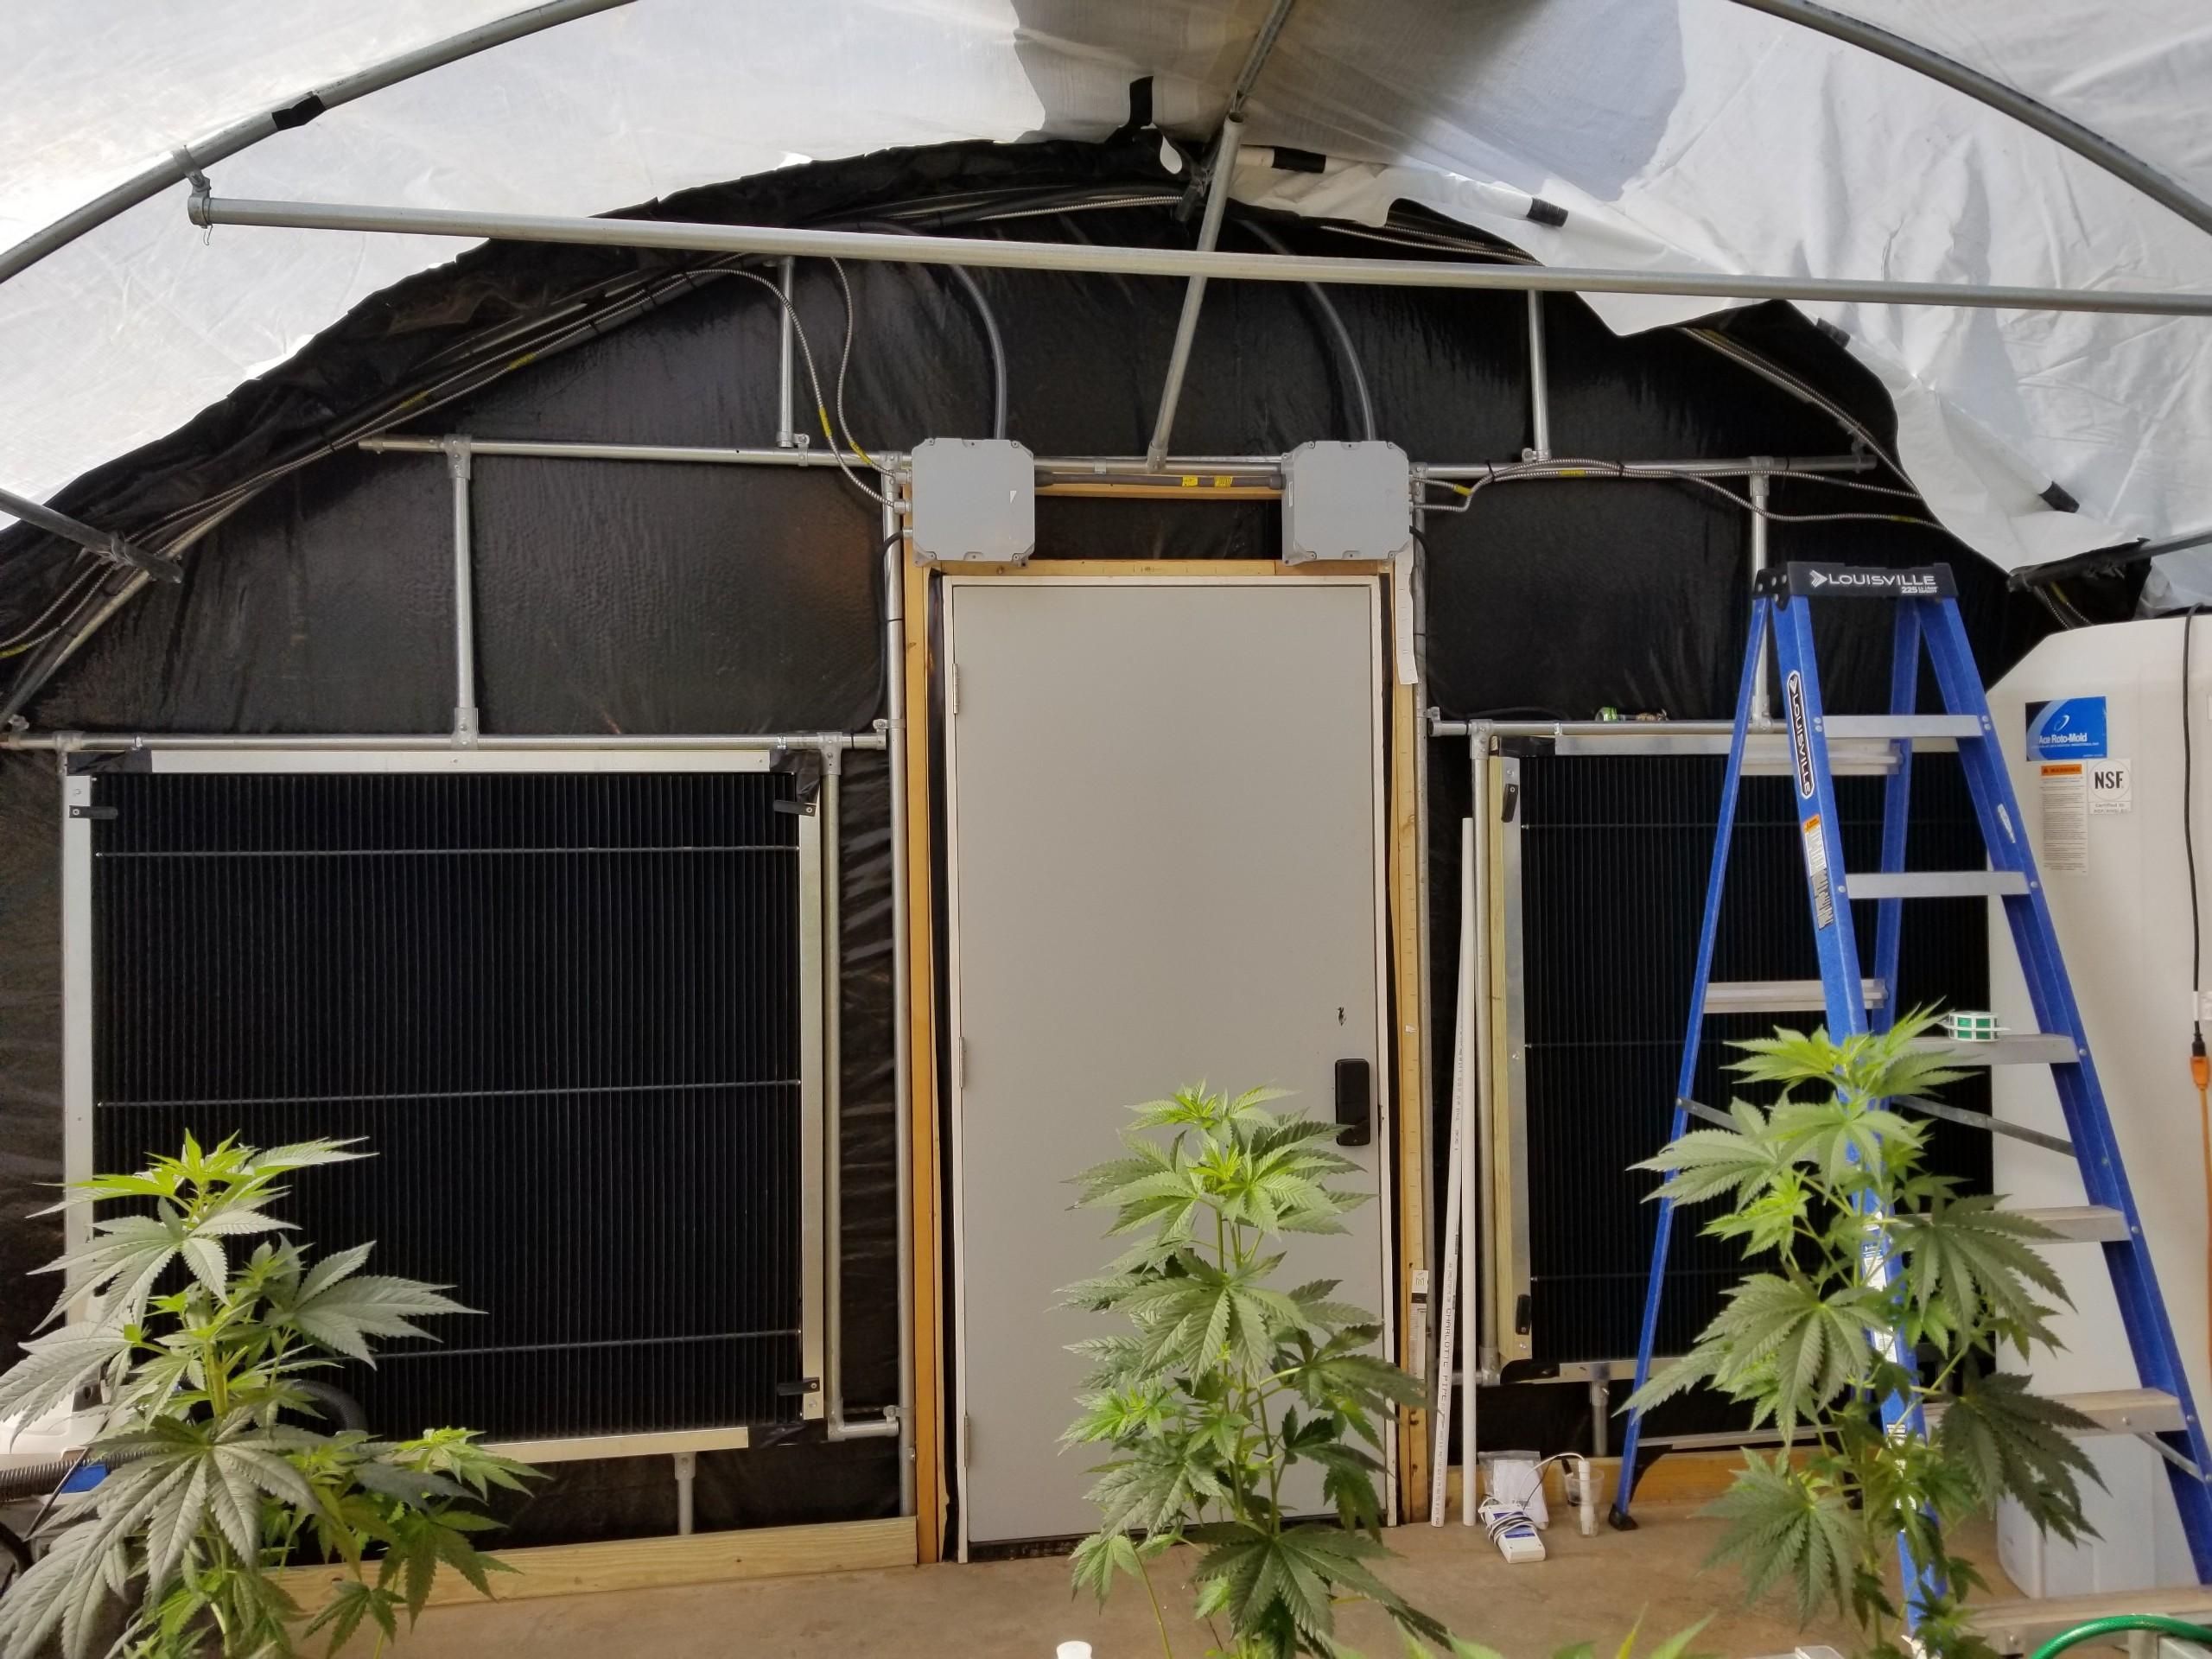 greenhouse-j-d-light-trap-exhaust2-factory-fans-direct-888-849-1233.jpeg